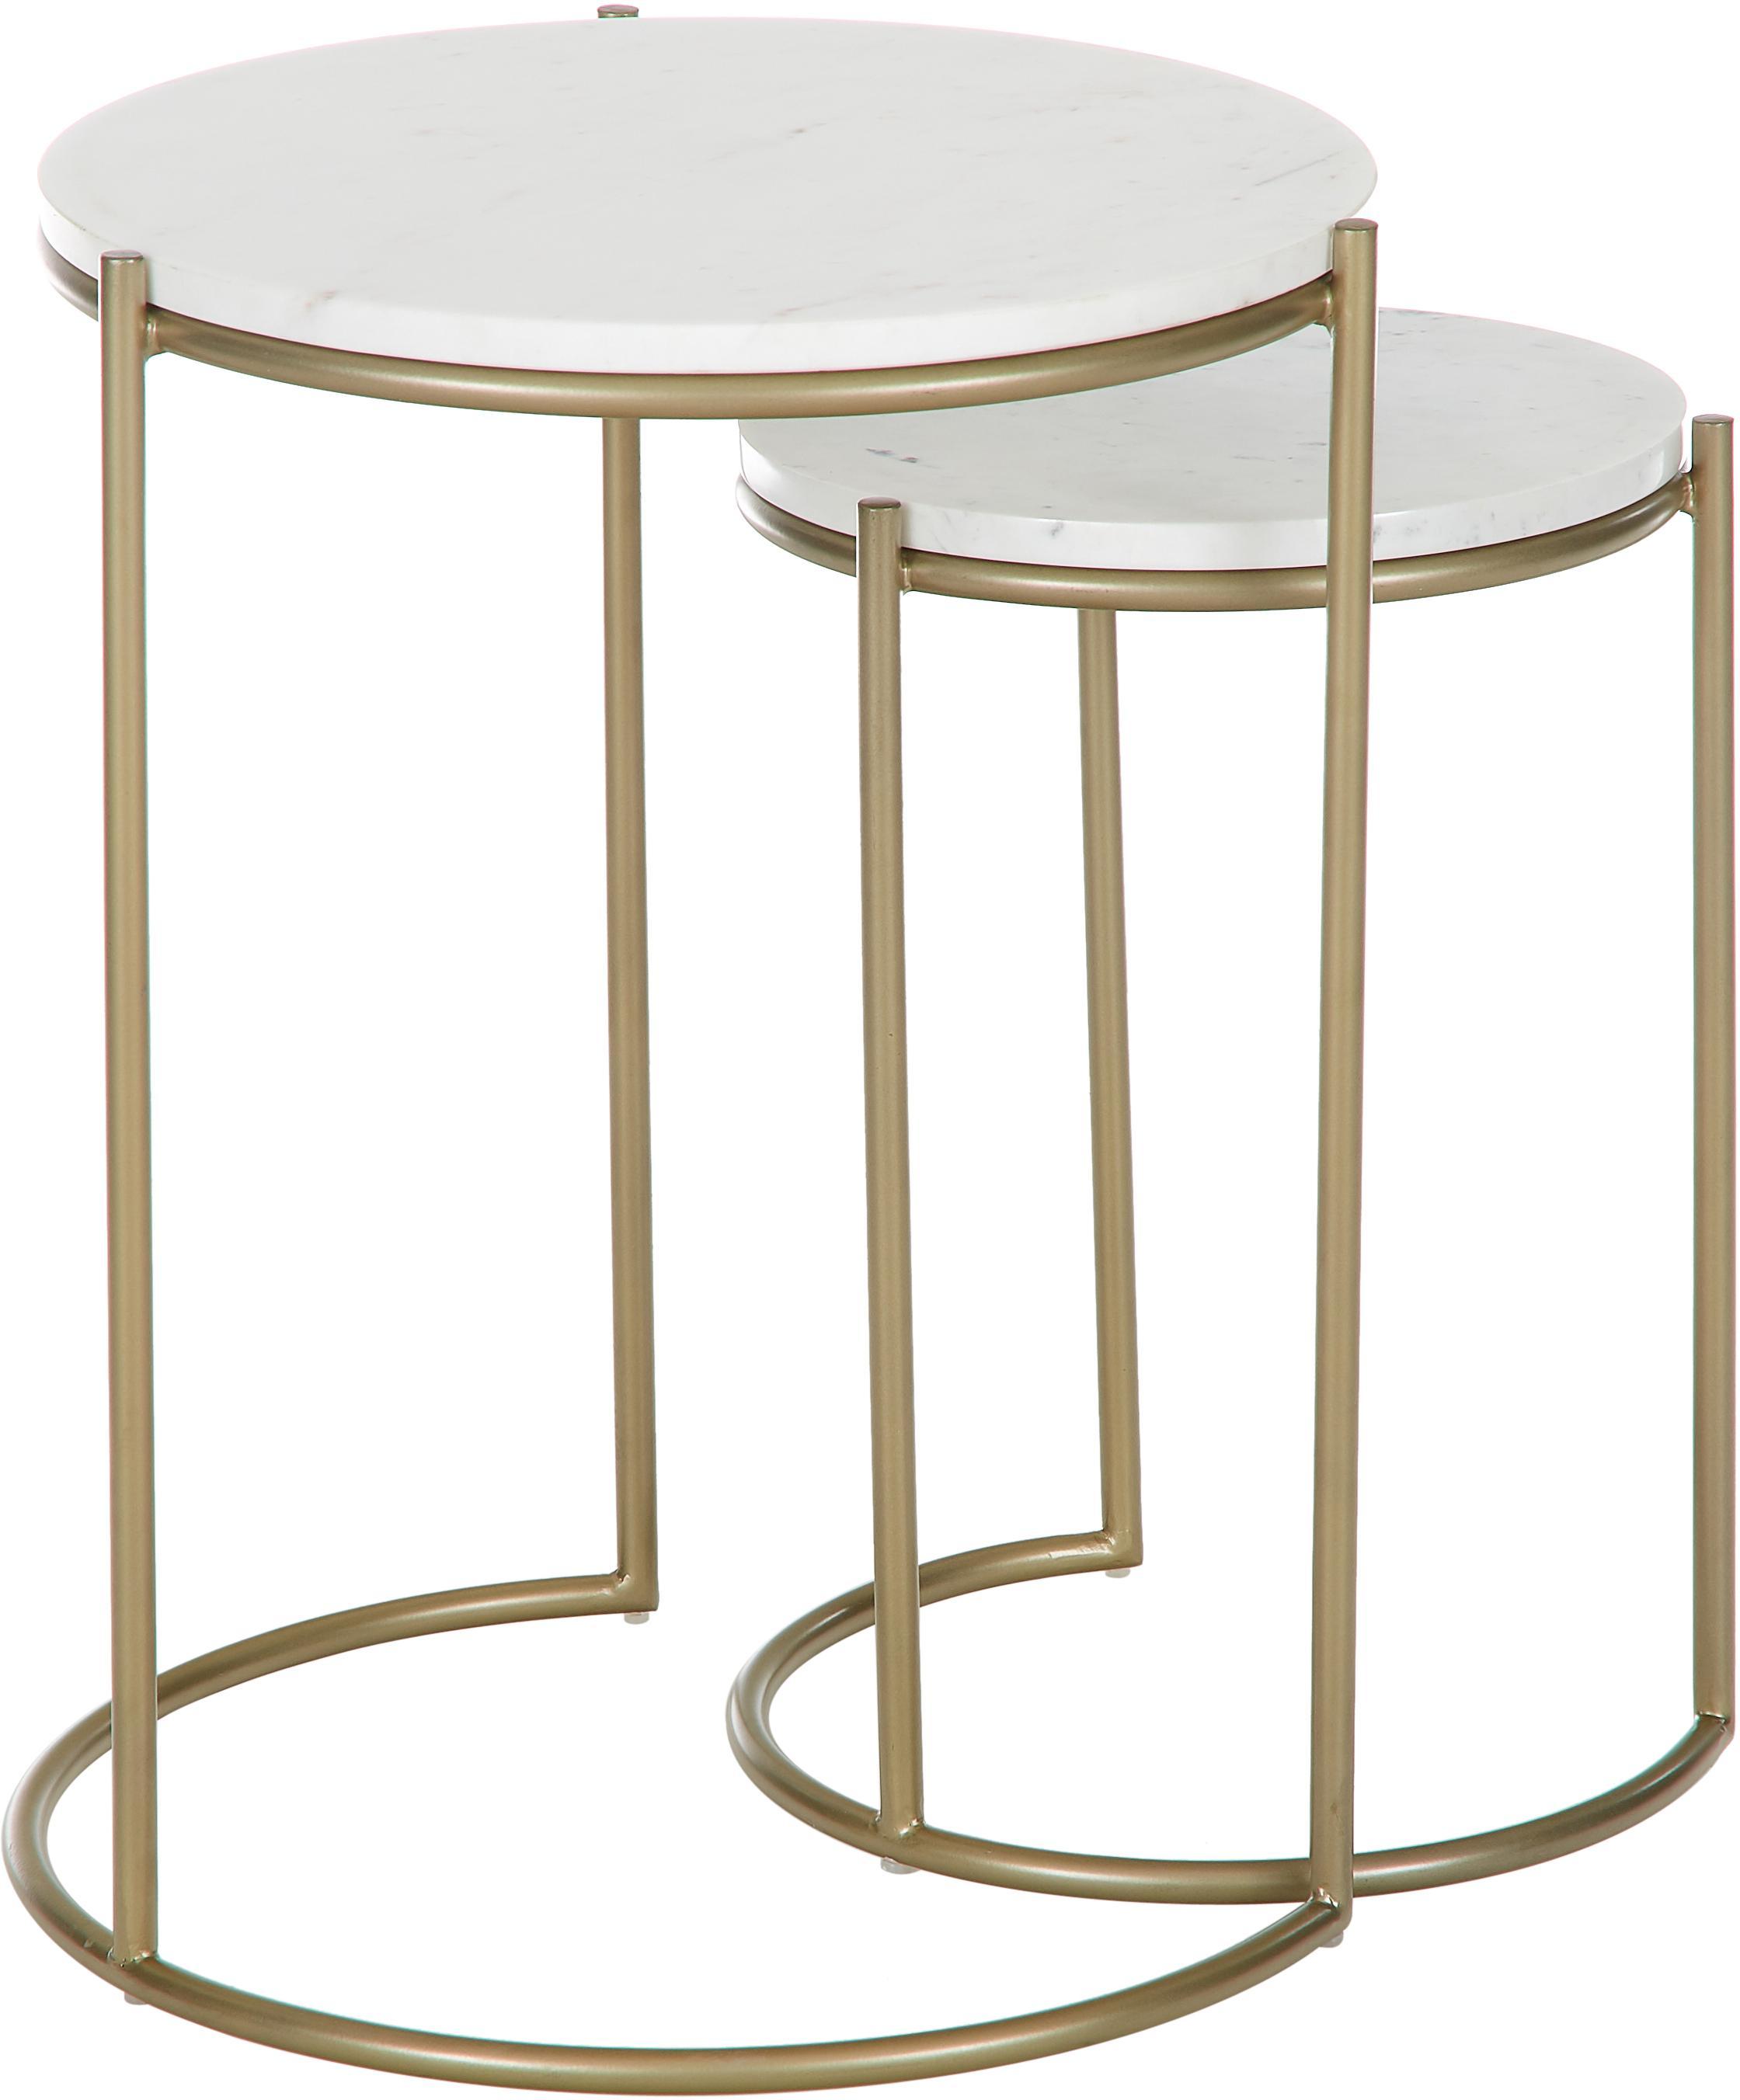 Set de mesas auxiliares de mármol Ella, Tablero: mármol, Estructura: metal con pintura en polv, Mármol blanco, dorado, Set de diferentes tamaños